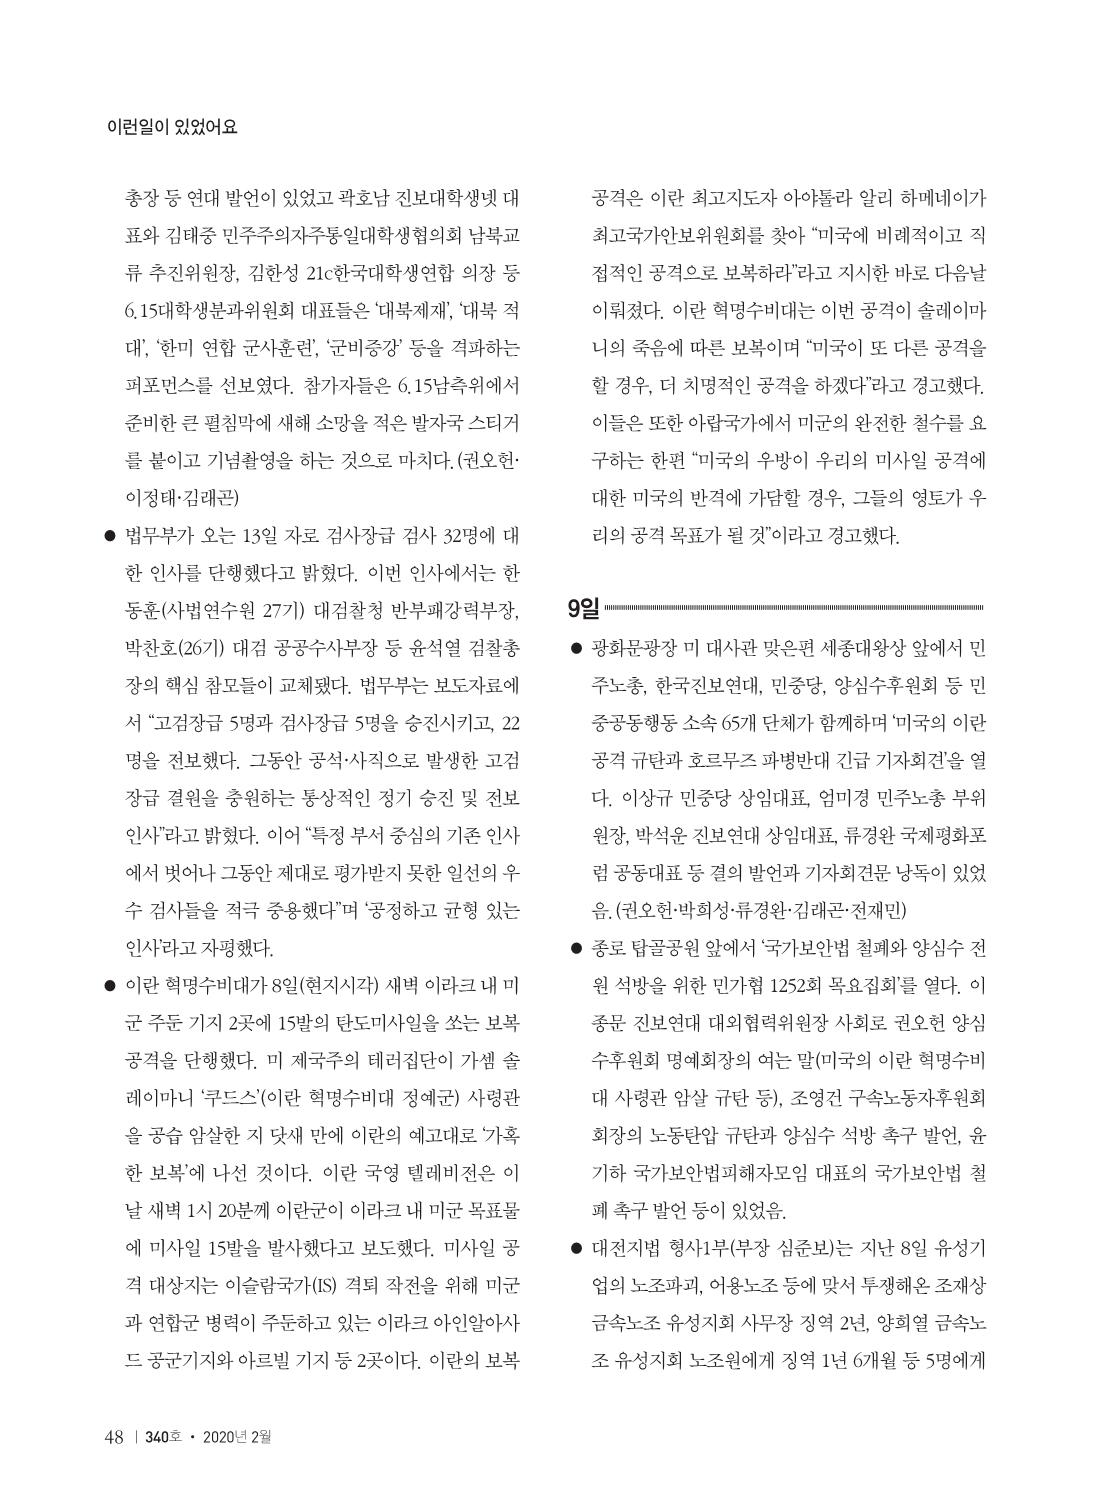 c3a550e7-2d95-46c0-bdec-64c56104ebf4.pdf-0050.png